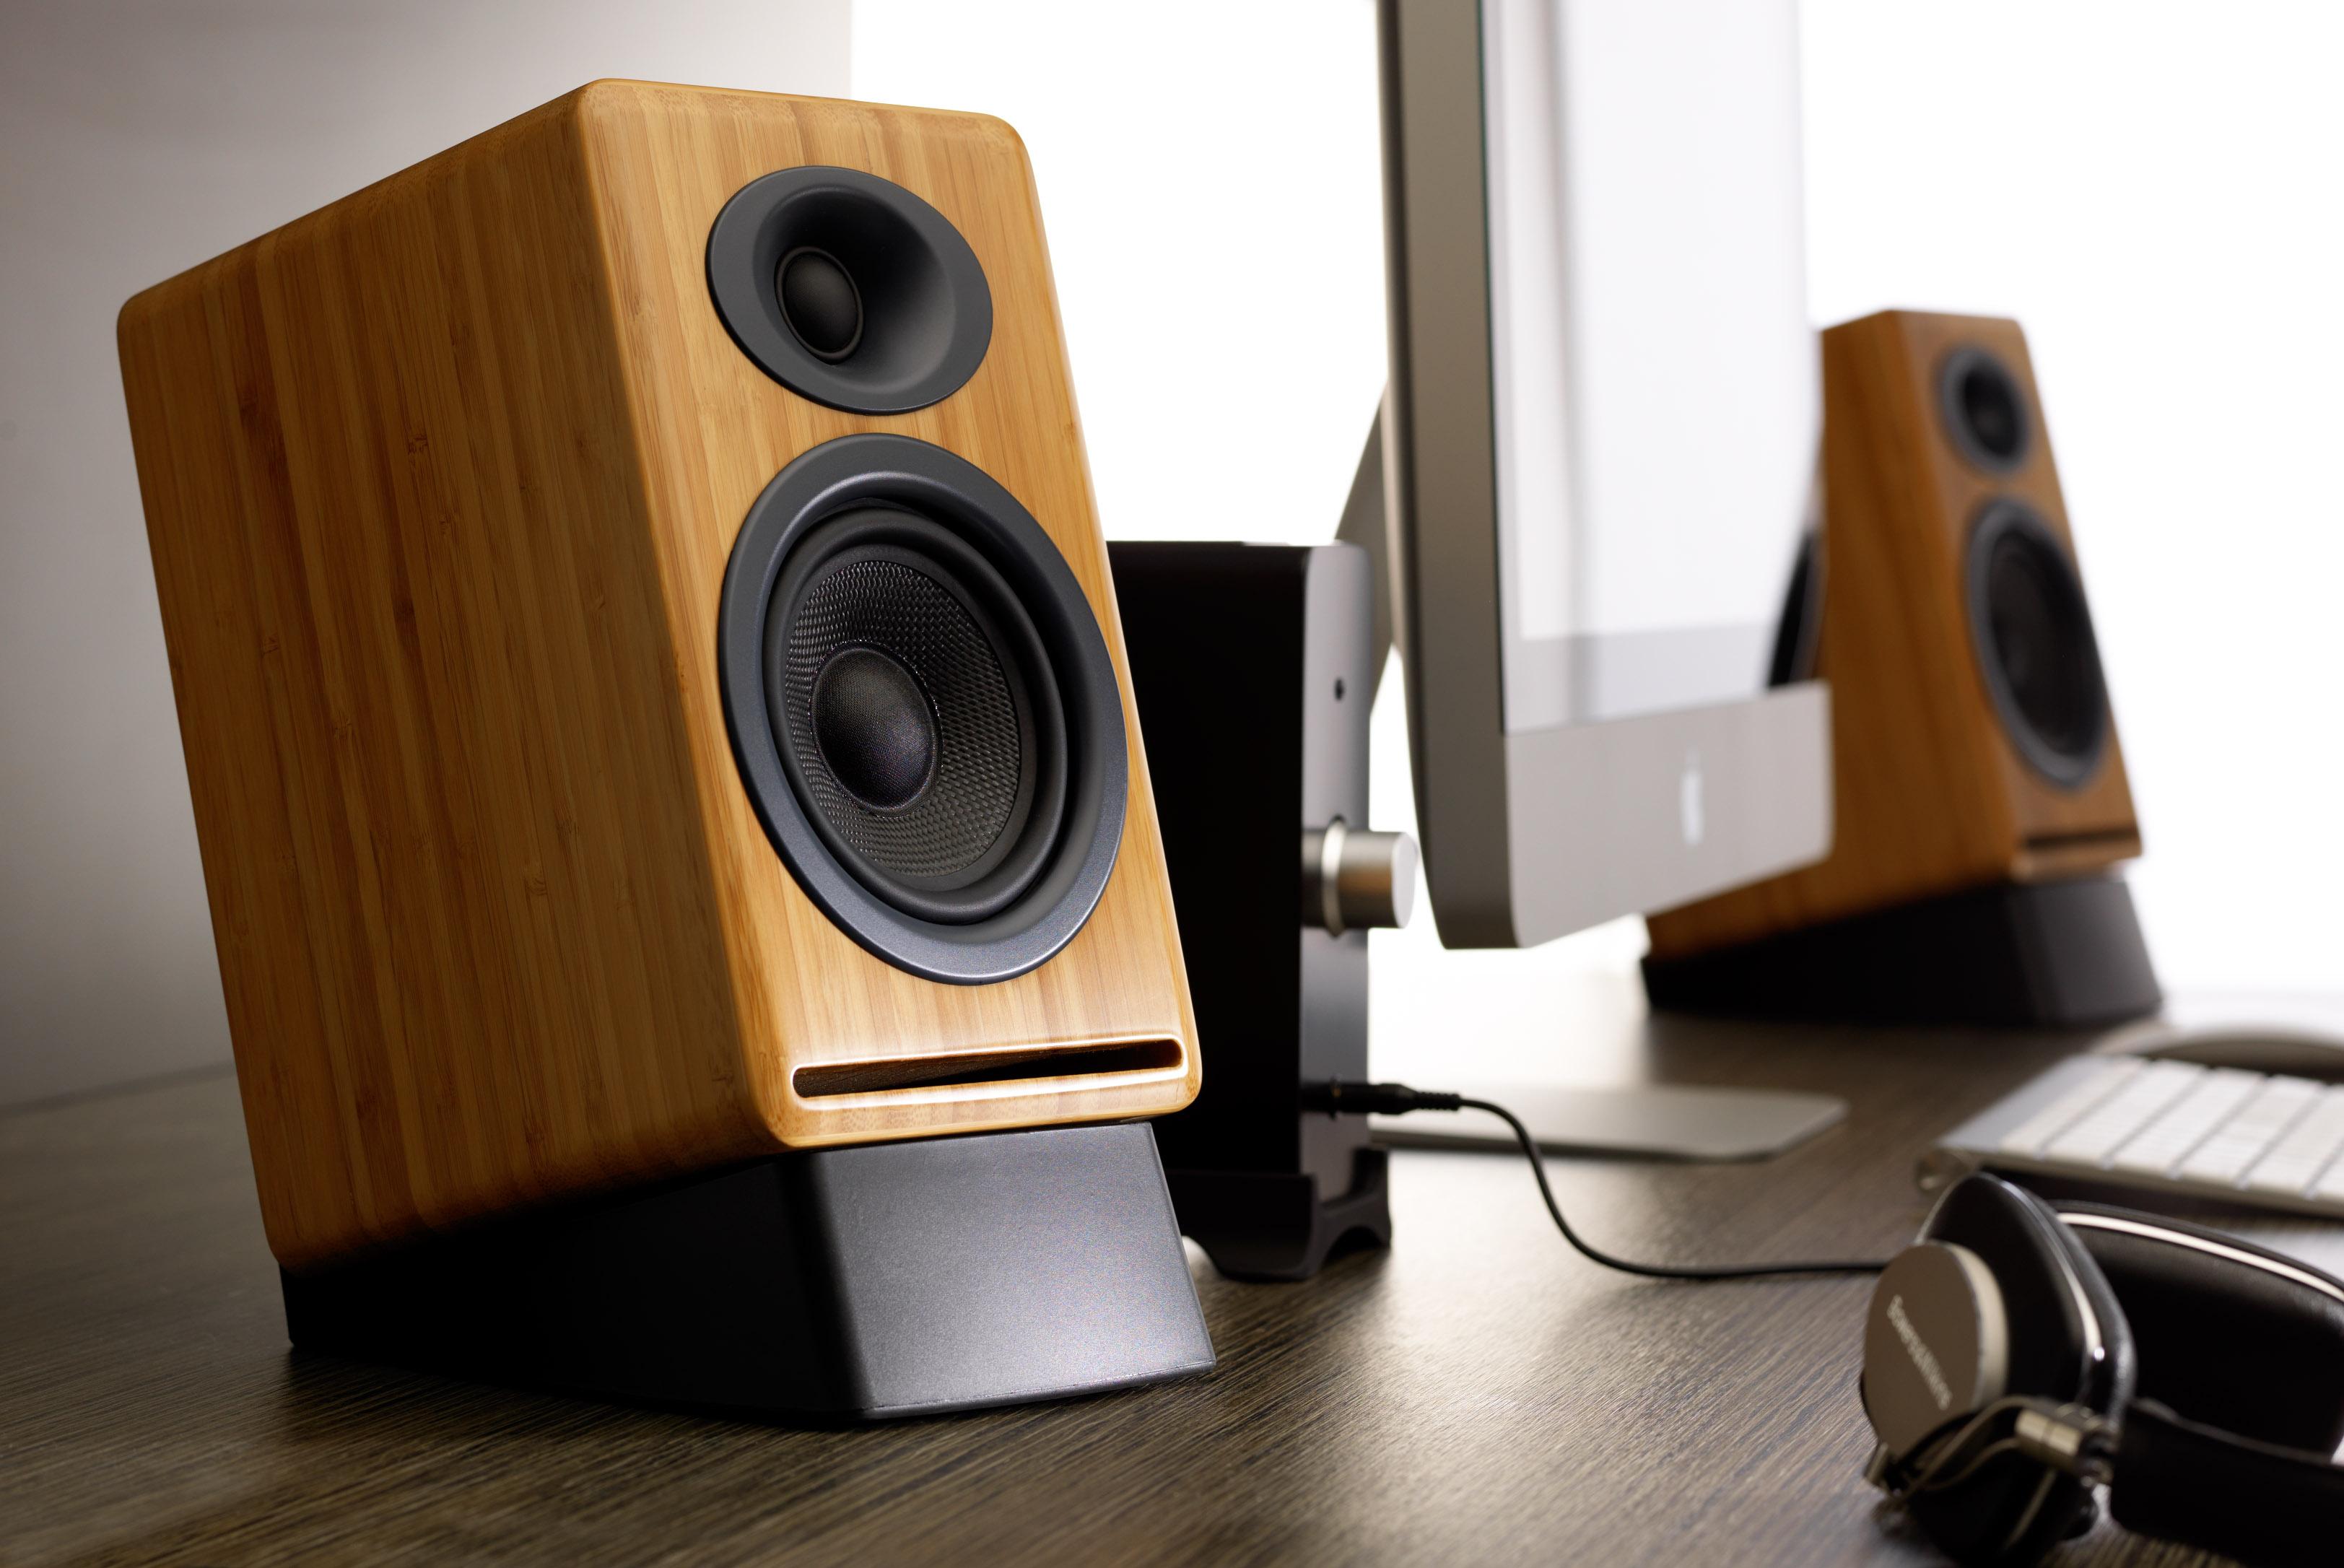 Review Audioengine A5 ลำโพงแอคทีฟ พลังเสียงใหญ่เกินตัว